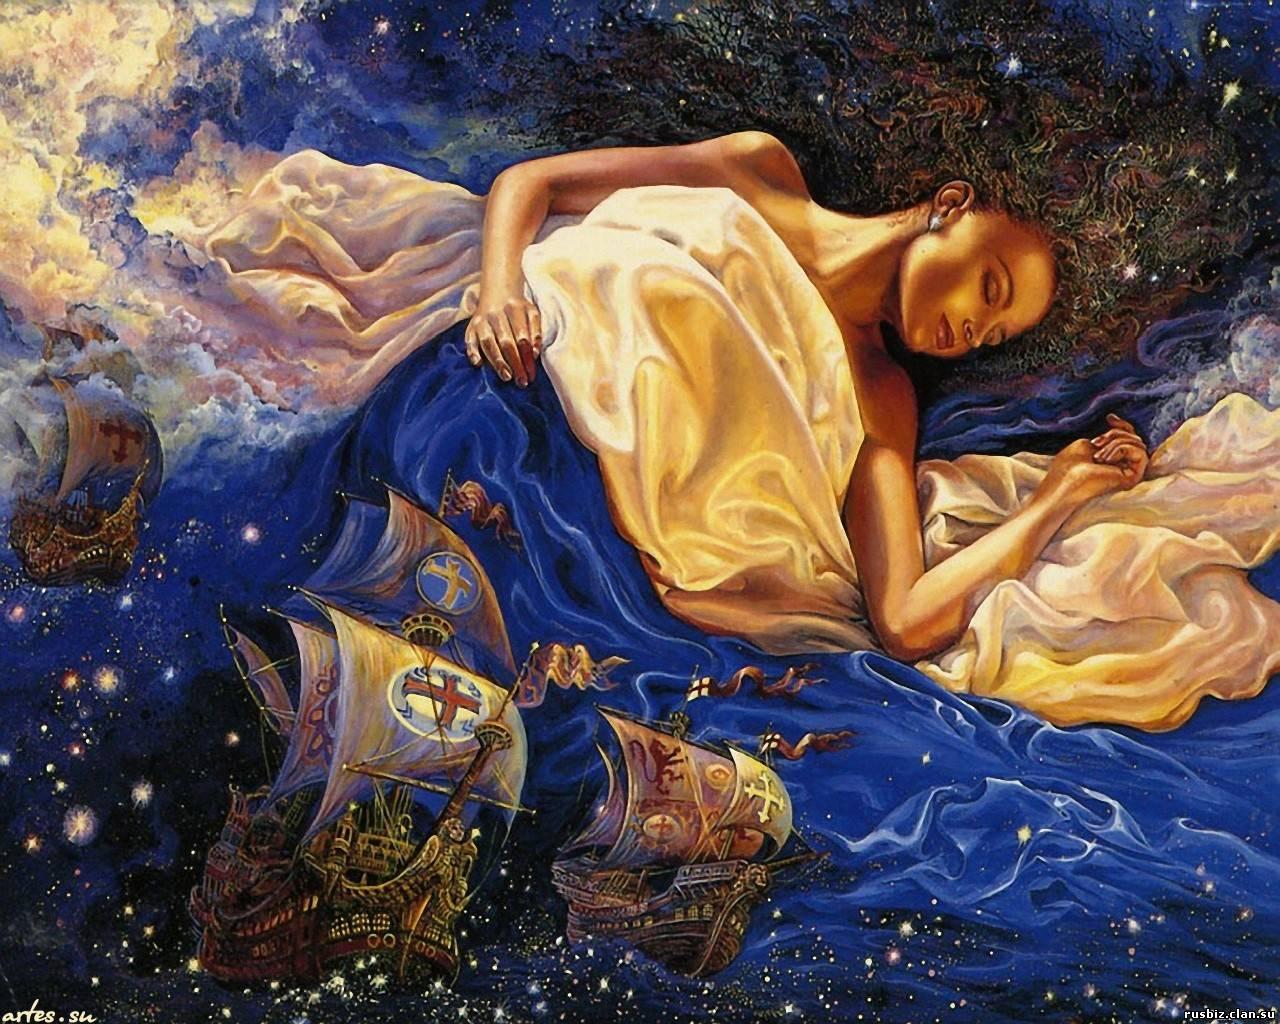 Сновидения- трактовка - Тридевятое Царство